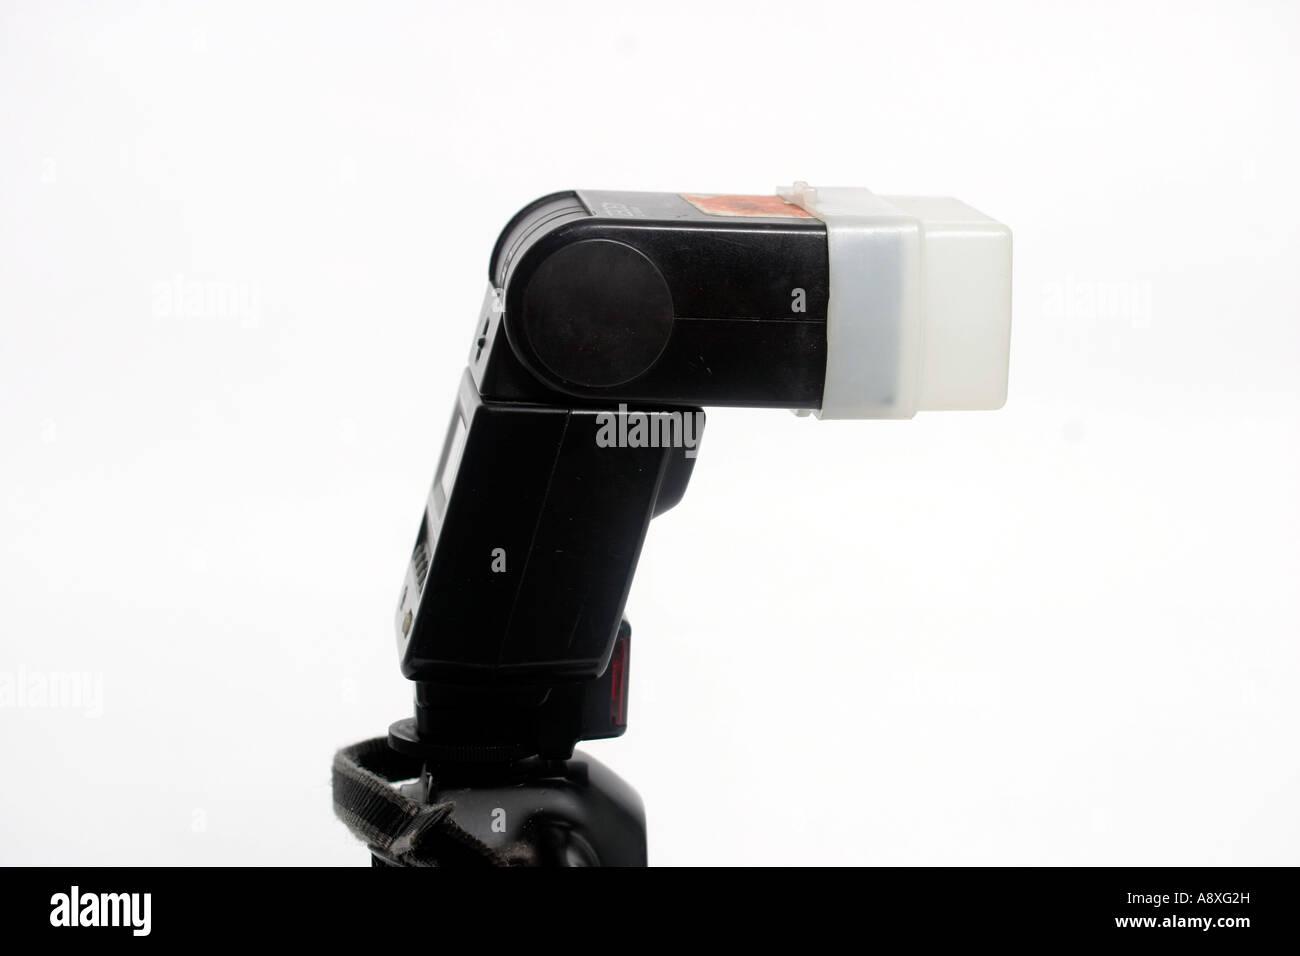 Canon EOS1 430ez electronic flashgun - Stock Image